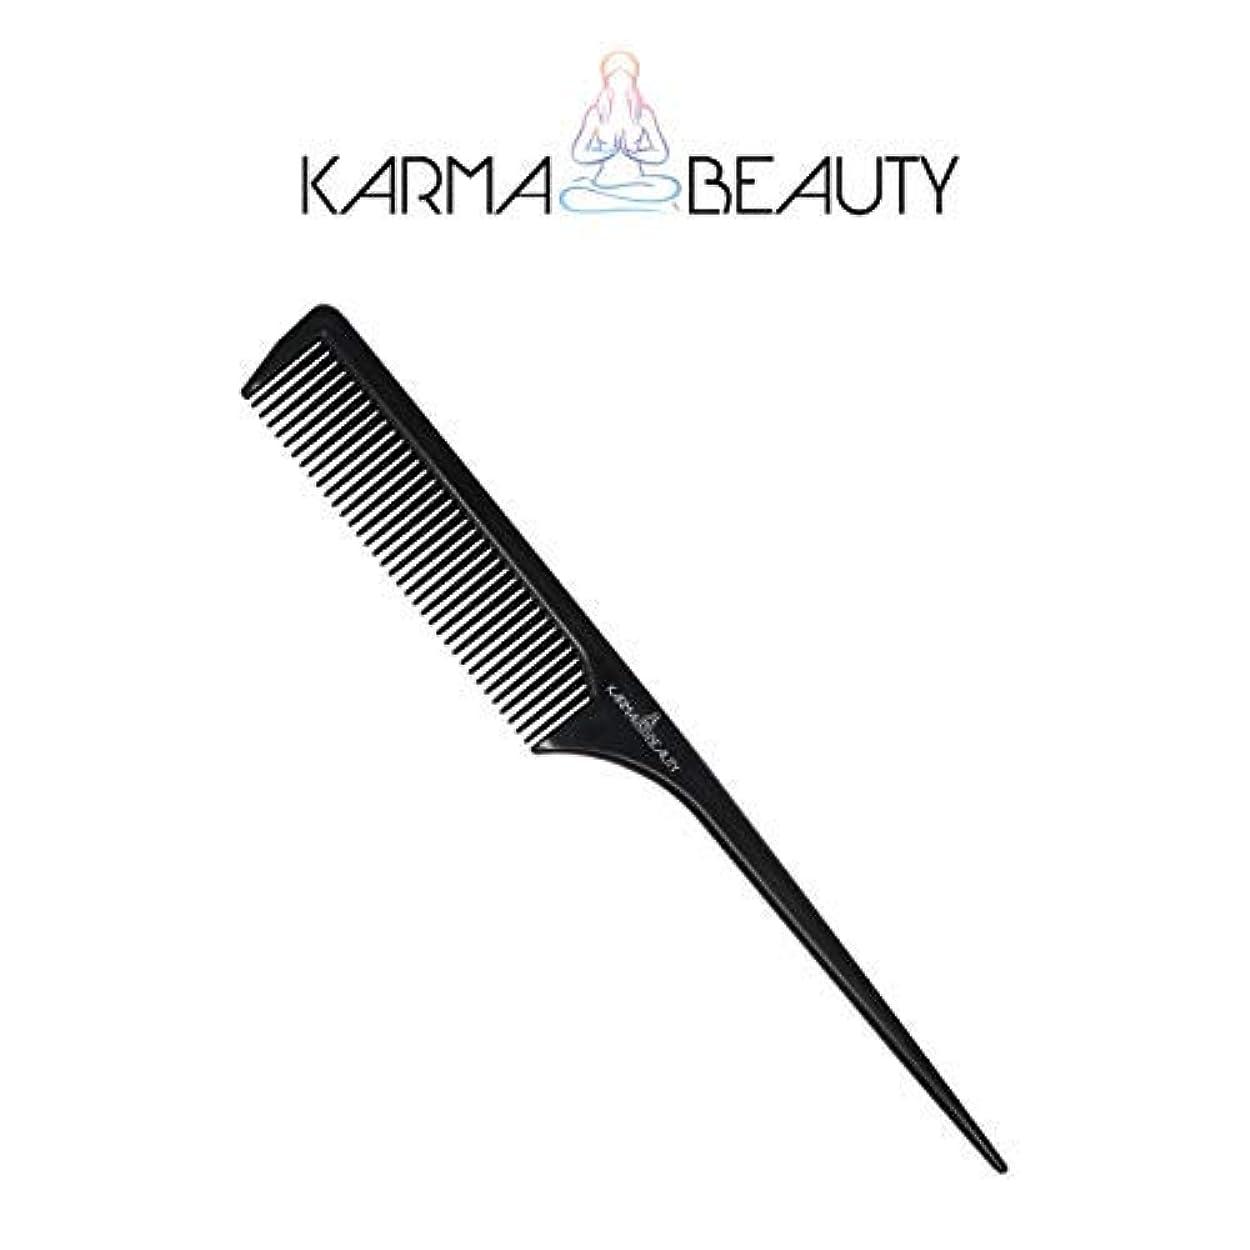 雑草東ティモール有益Tail Comb | Fine Tooth Hair Comb | Thin and Long Handle | Teasing Comb | For All Hair Type | Karma Beauty | (Black...